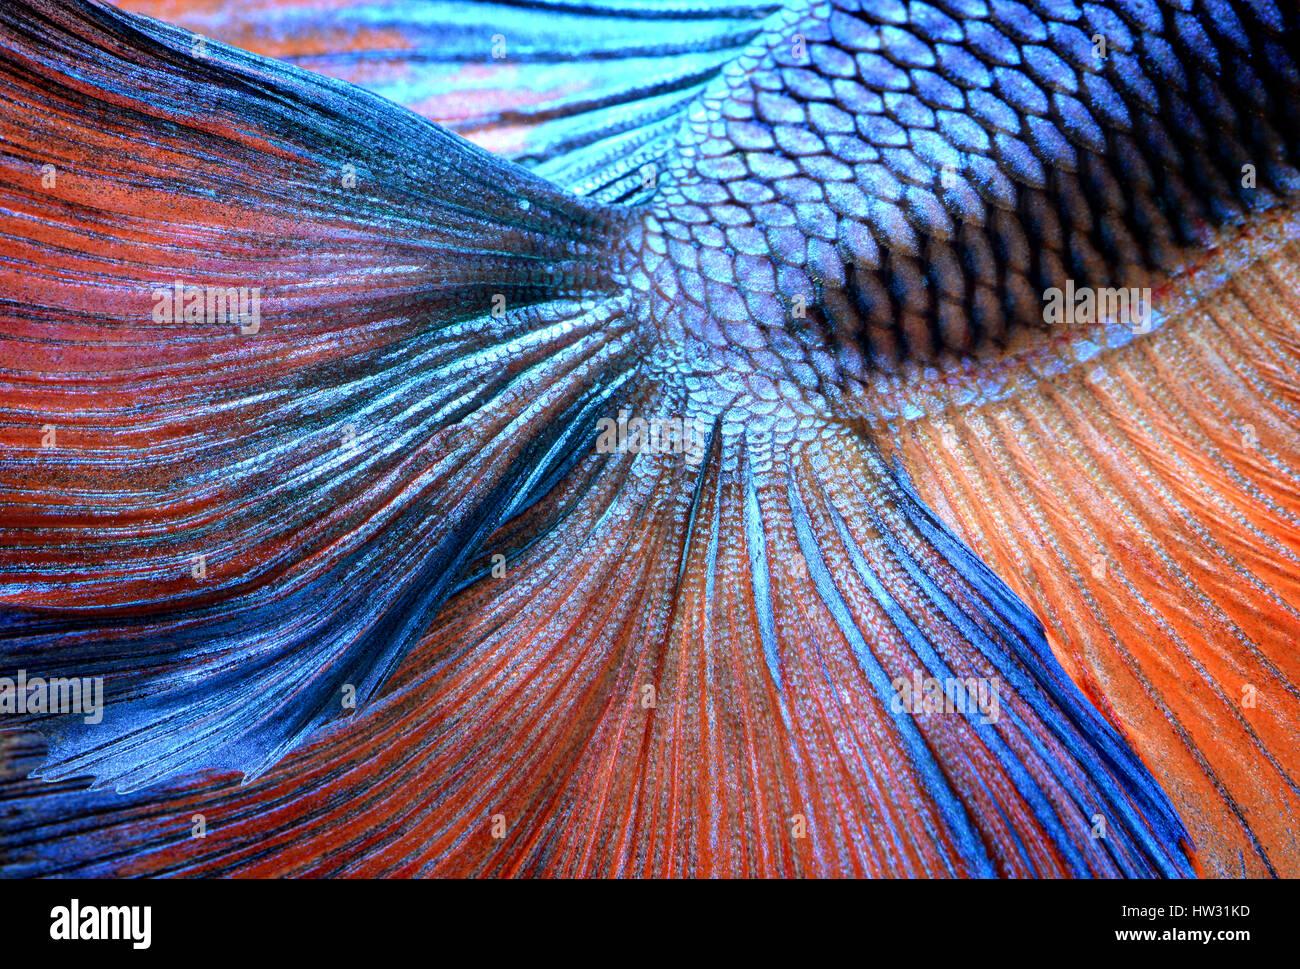 Betta peces en libertad de acción y mostrar el detalle de hermosas aletas traseras en flash fotográfico Imagen De Stock